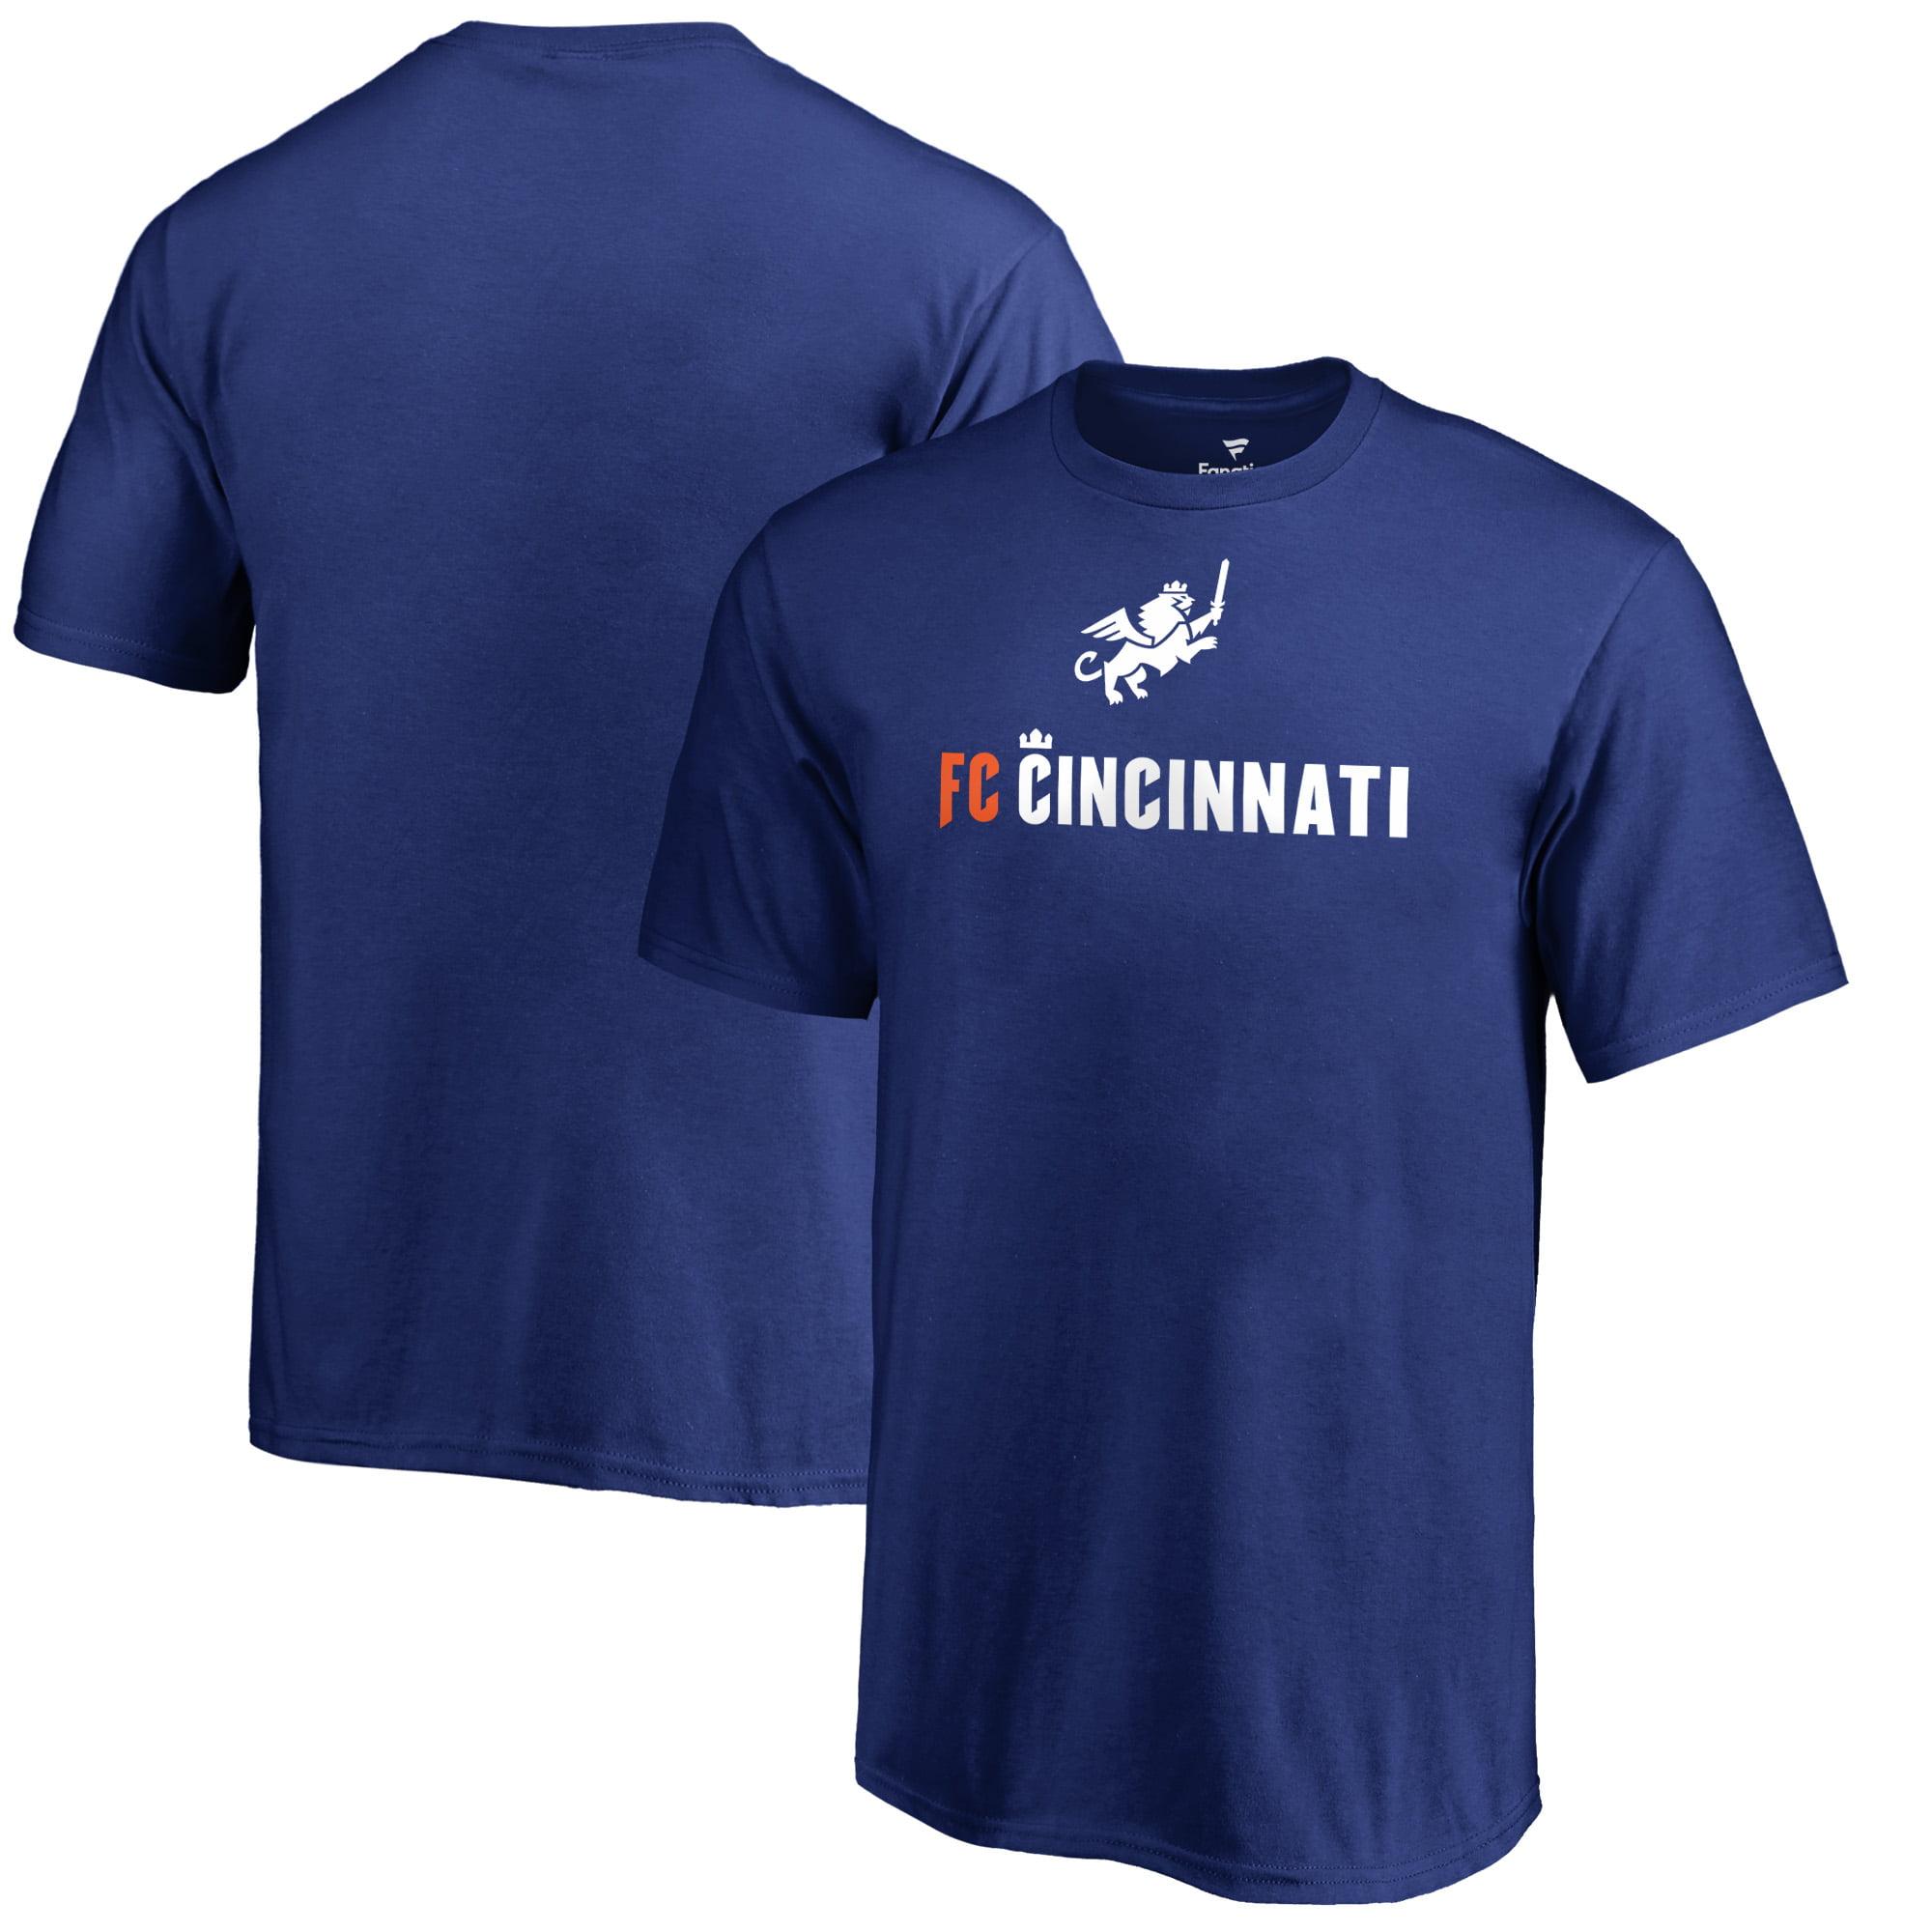 FC Cincinnati Fanatics Branded Youth Victory Arch T-Shirt - Royal